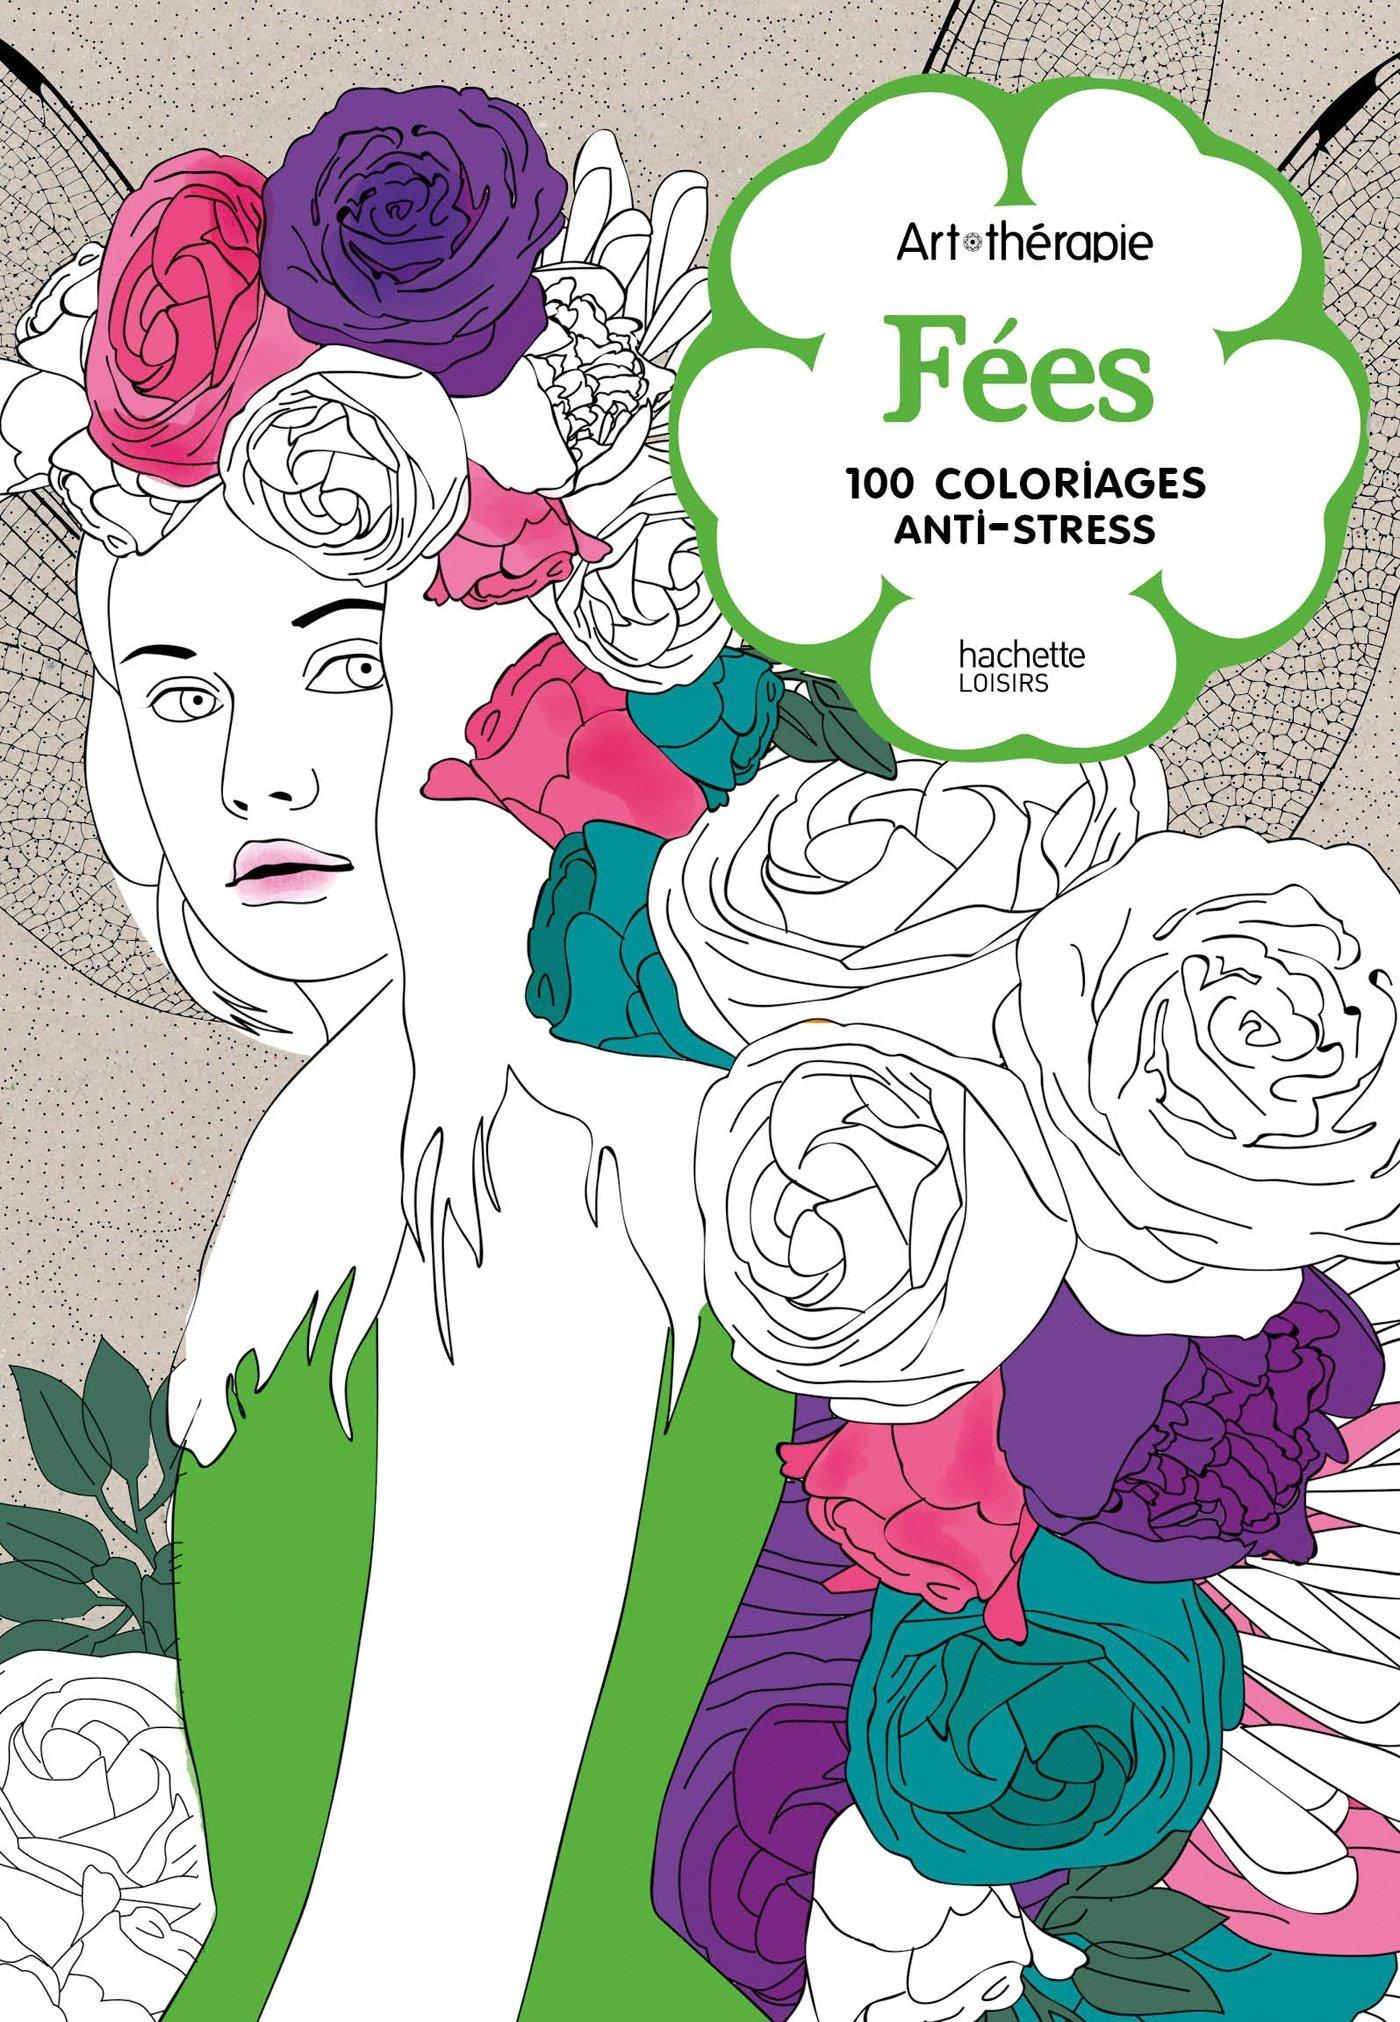 fes 100 coloriages anti stress amazonfr collectif livres - Livre De Coloriage Anti Stress